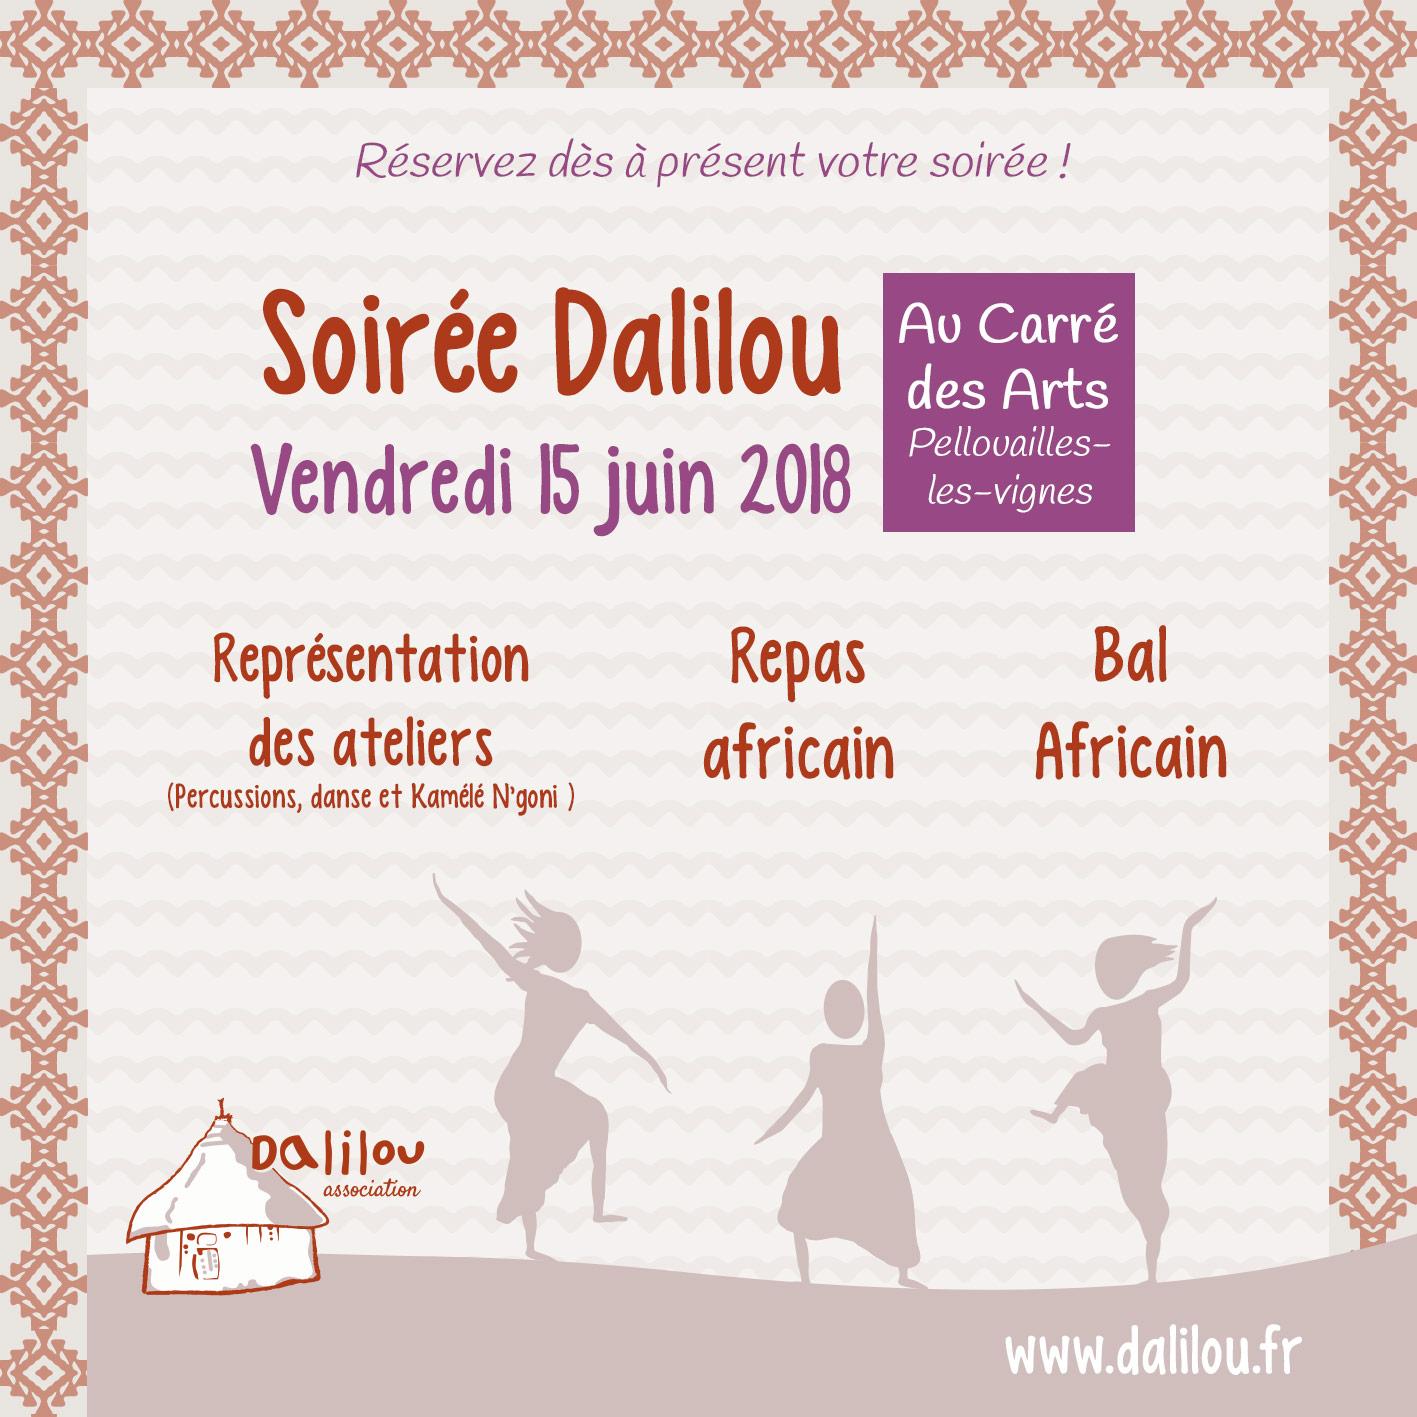 Soirée Dalilou : repas africain, bal africain